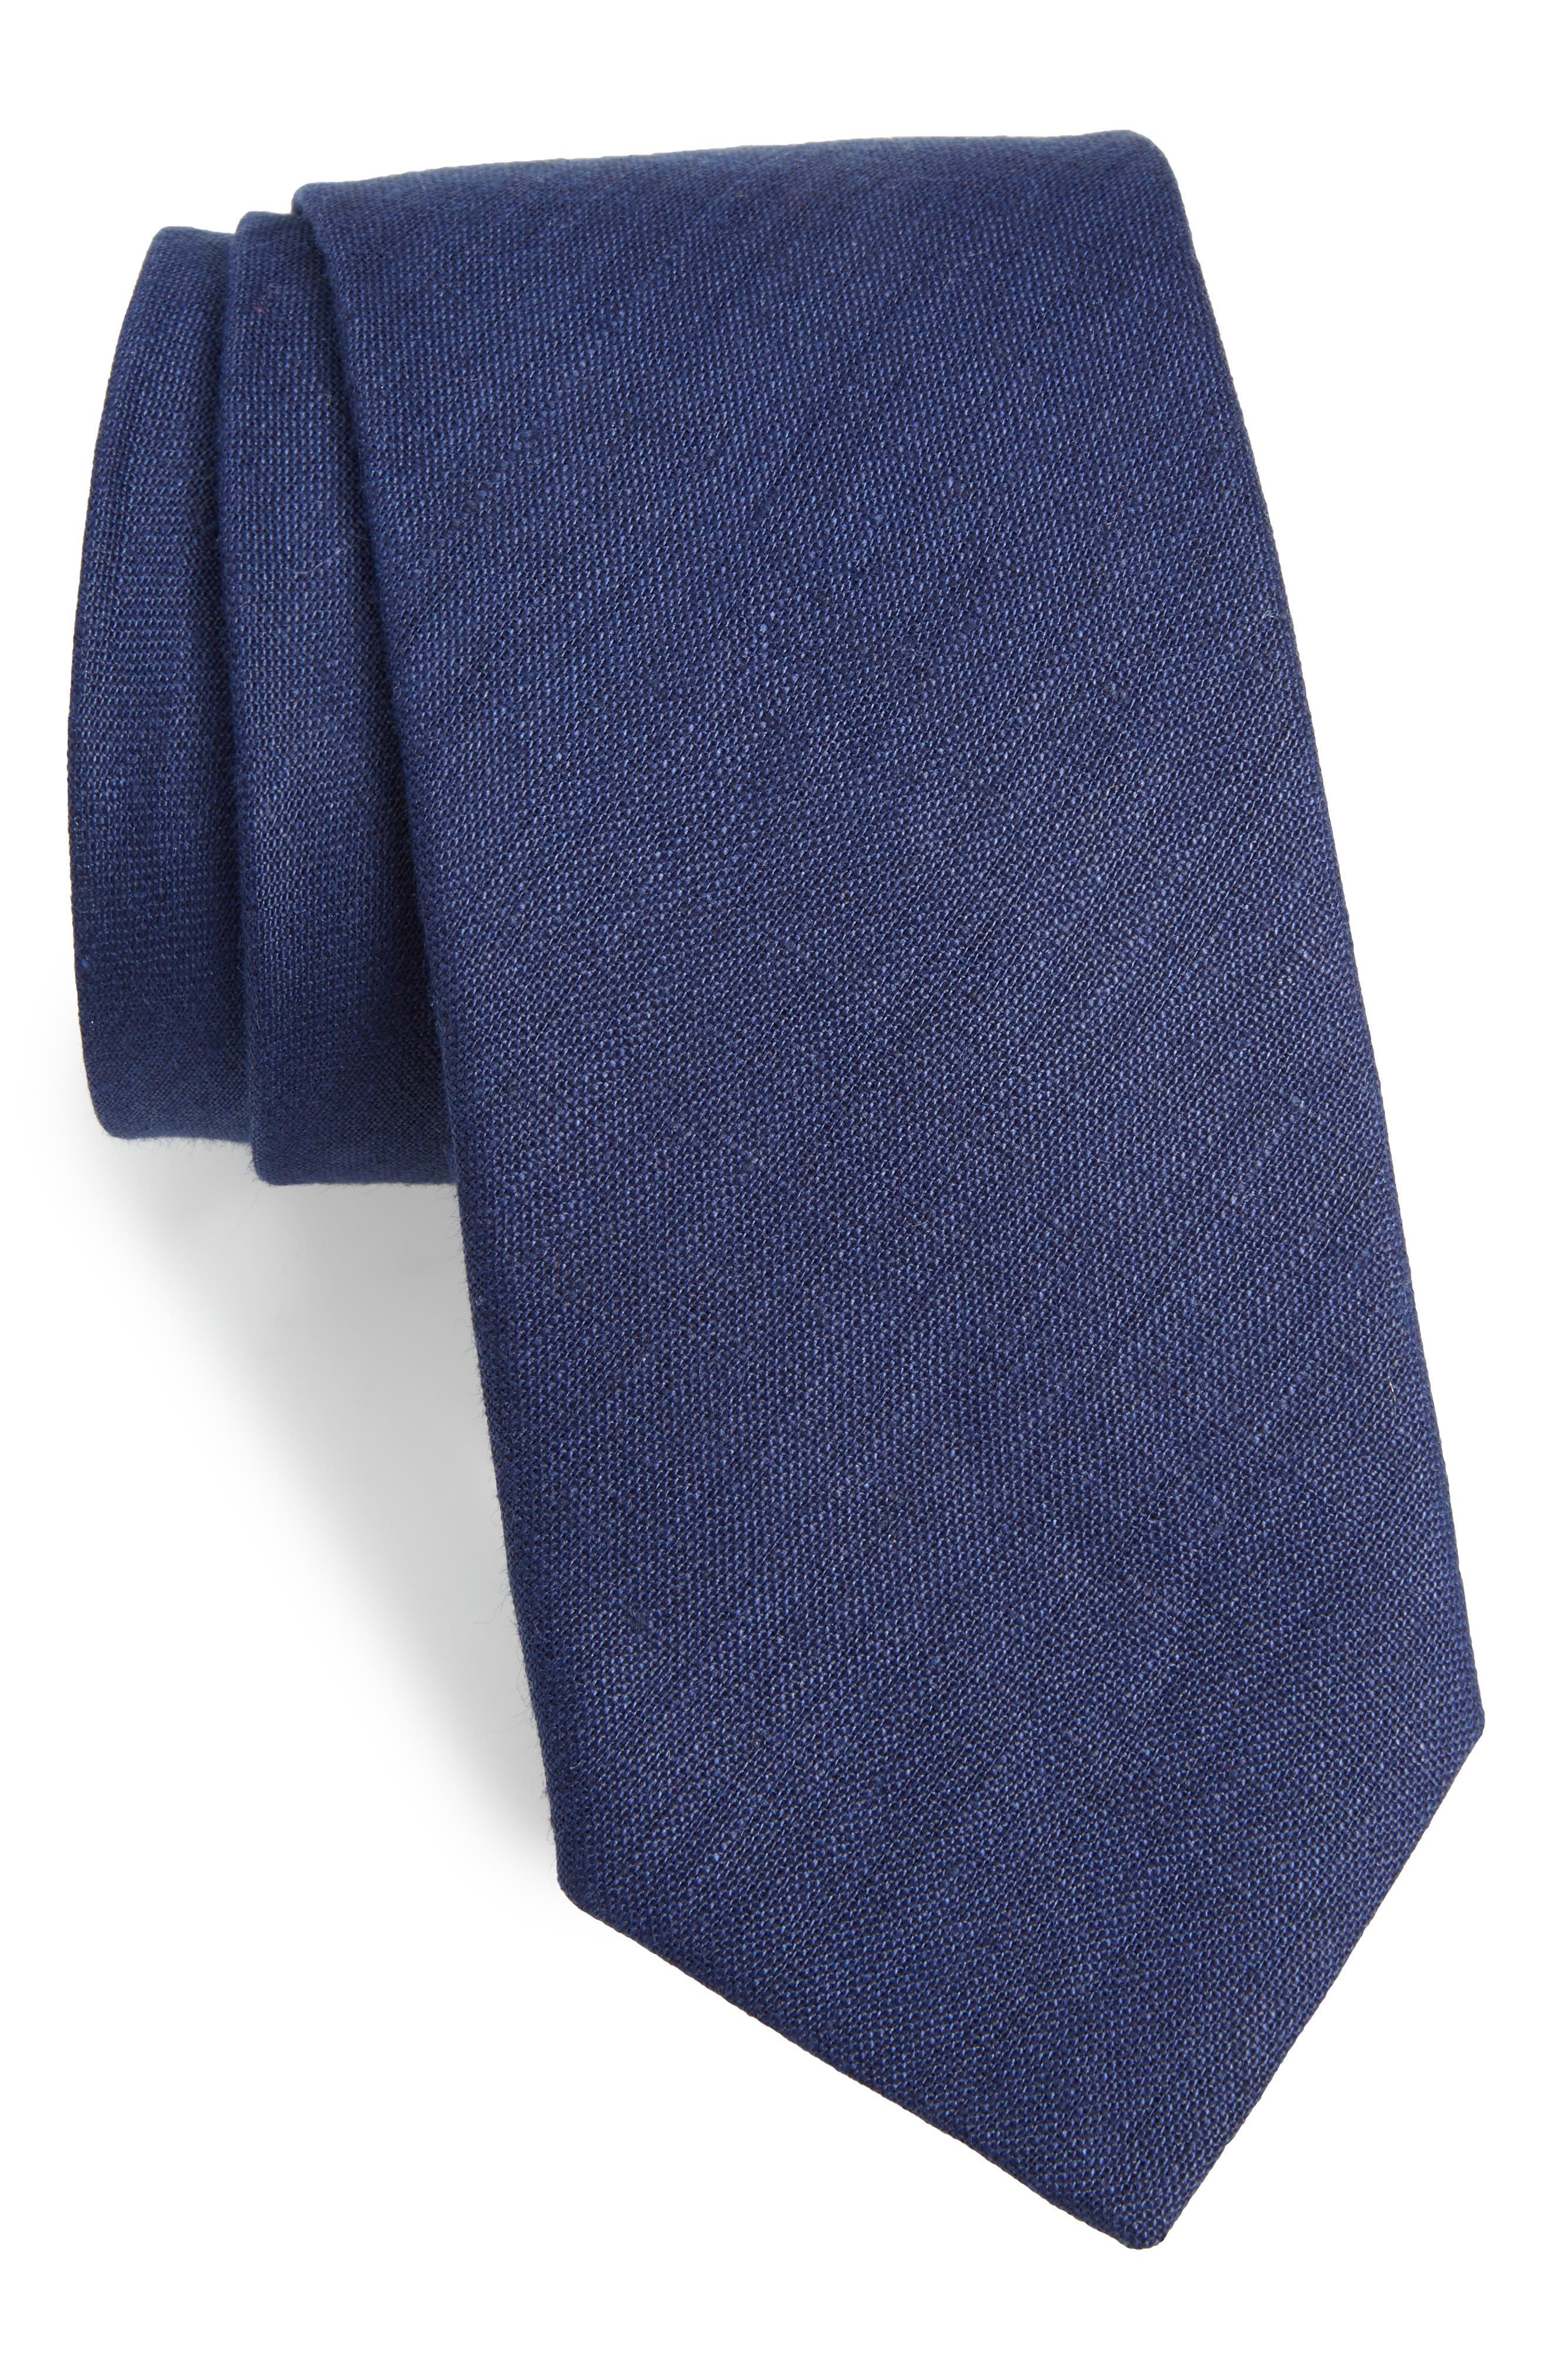 Solid Linen Tie,                         Main,                         color, 400